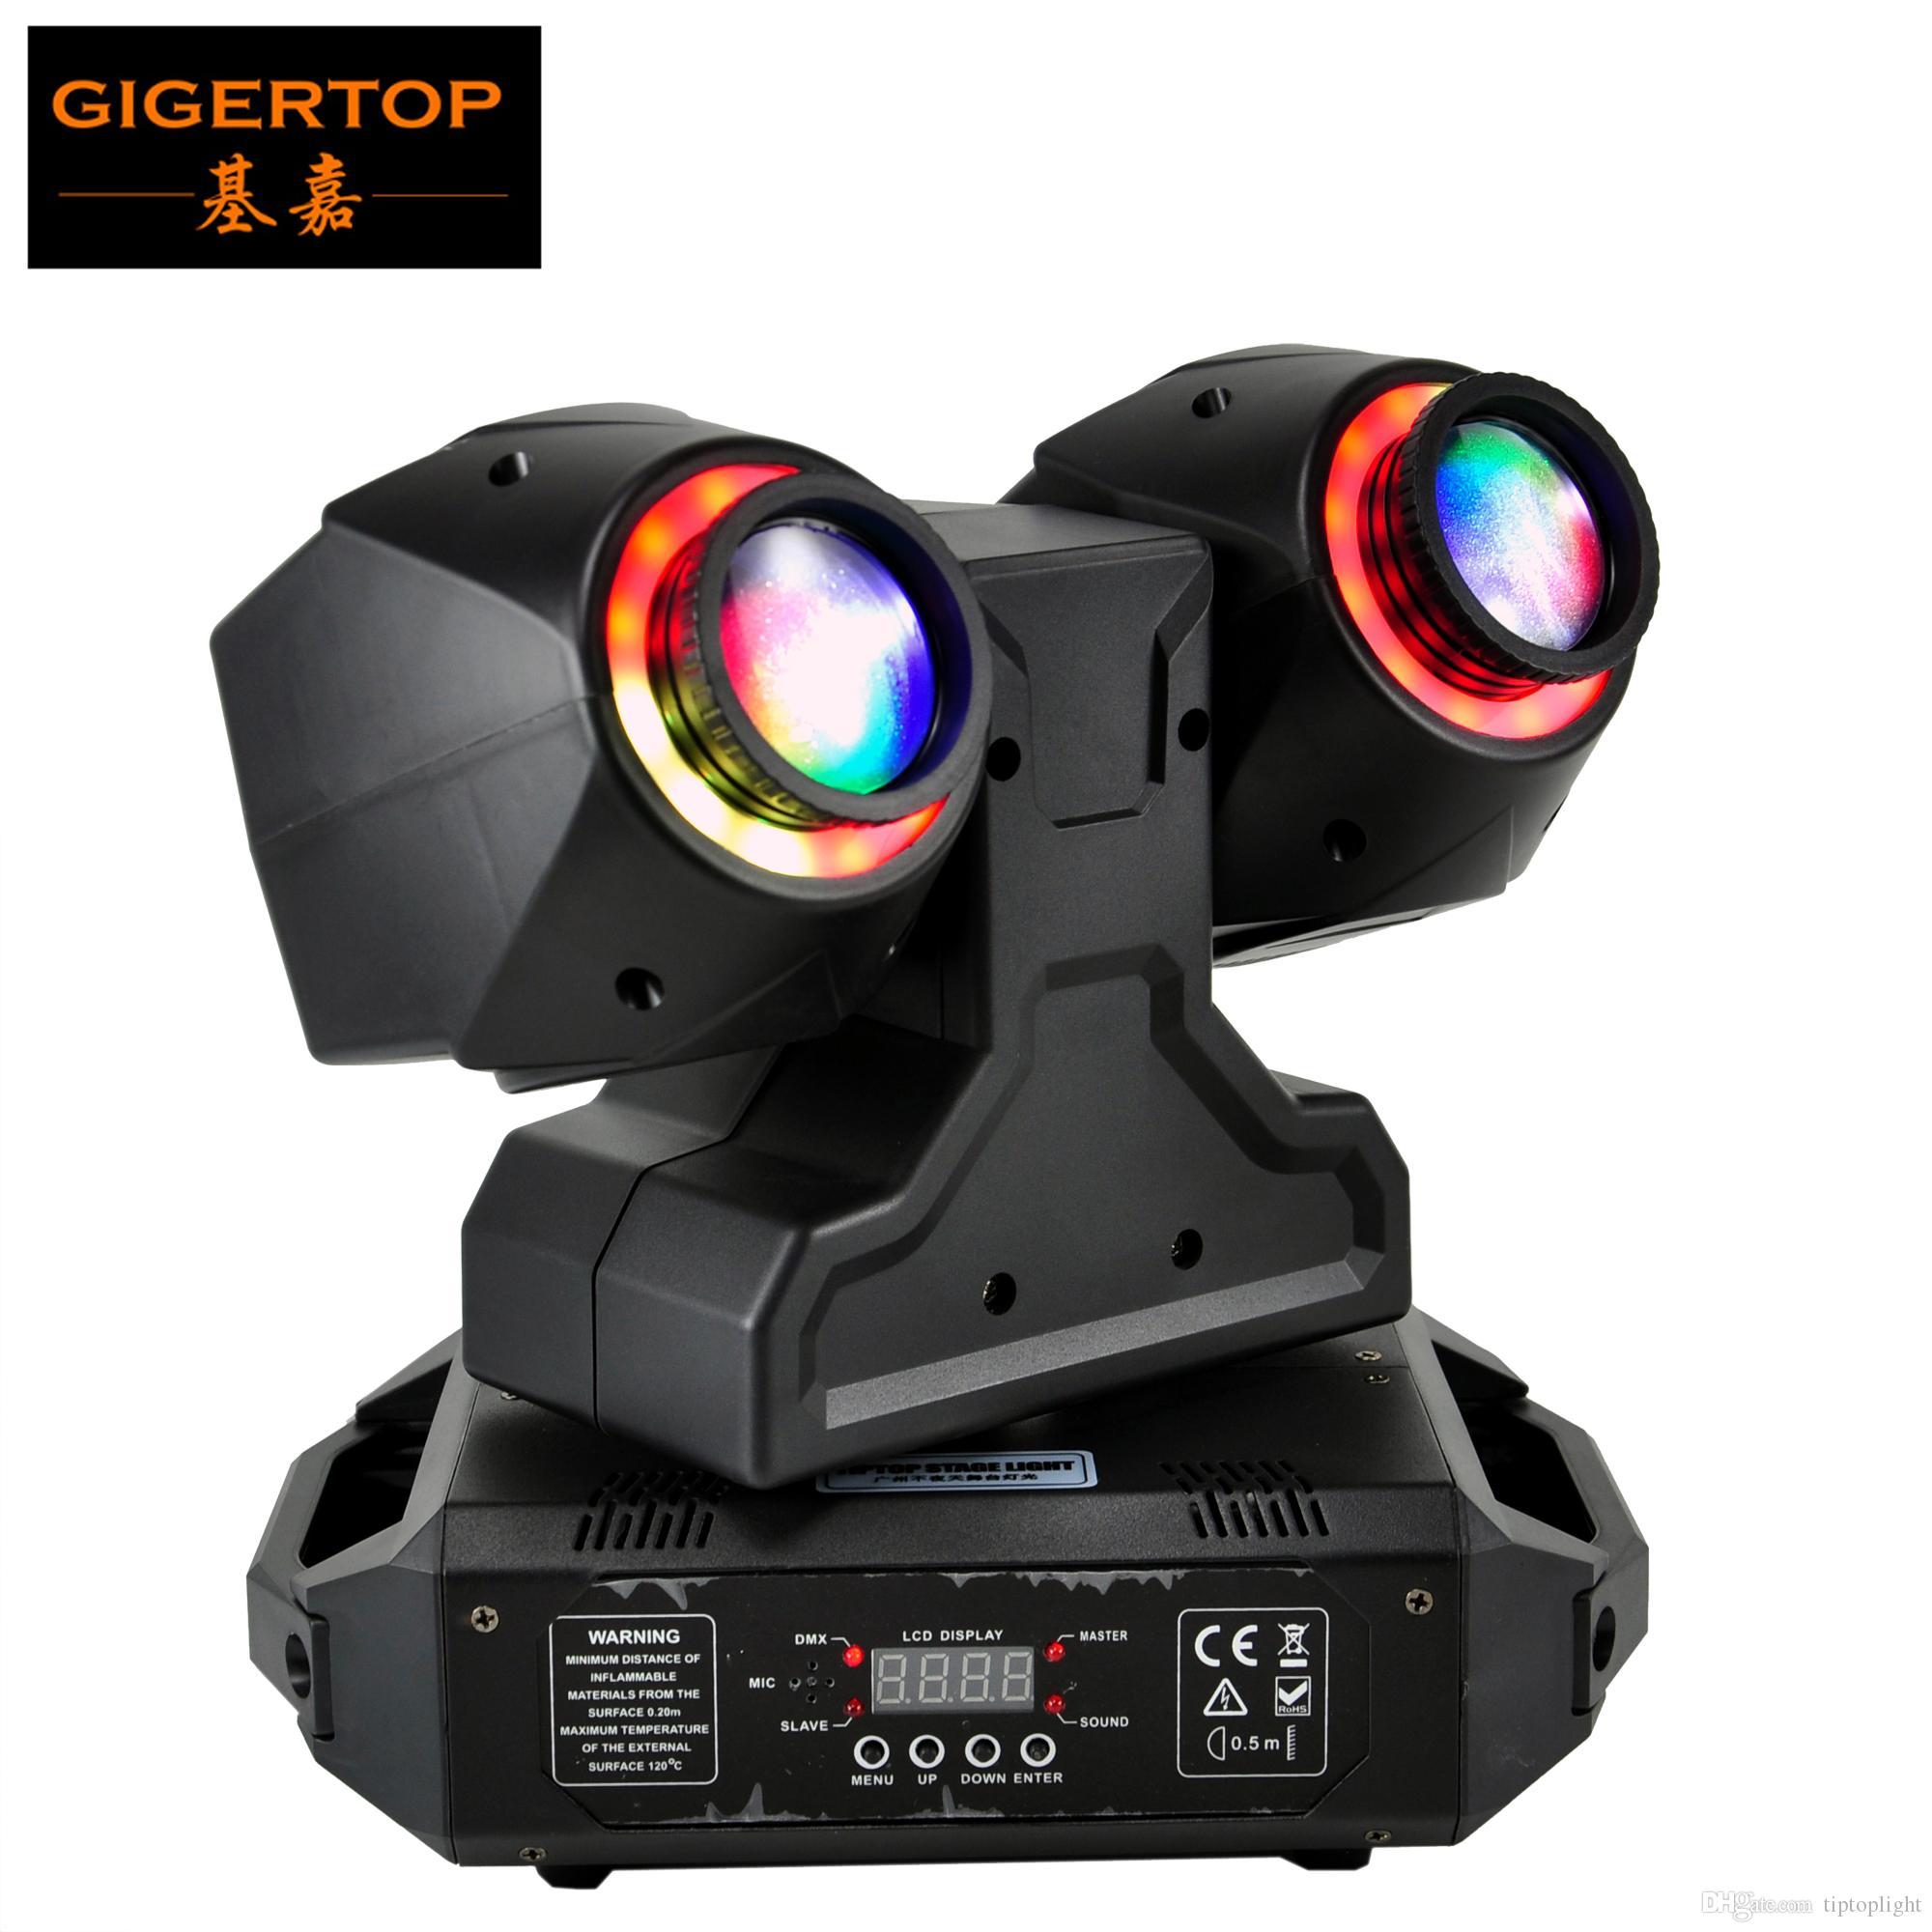 TIPTOP ضوء المرحلة 2 × 30W أدى نقل رئيس ضوء الشعاع مع هالة اللون الدائري تأثير RGB 3IN1 13CH / 21CH DMX 512 مراقبة